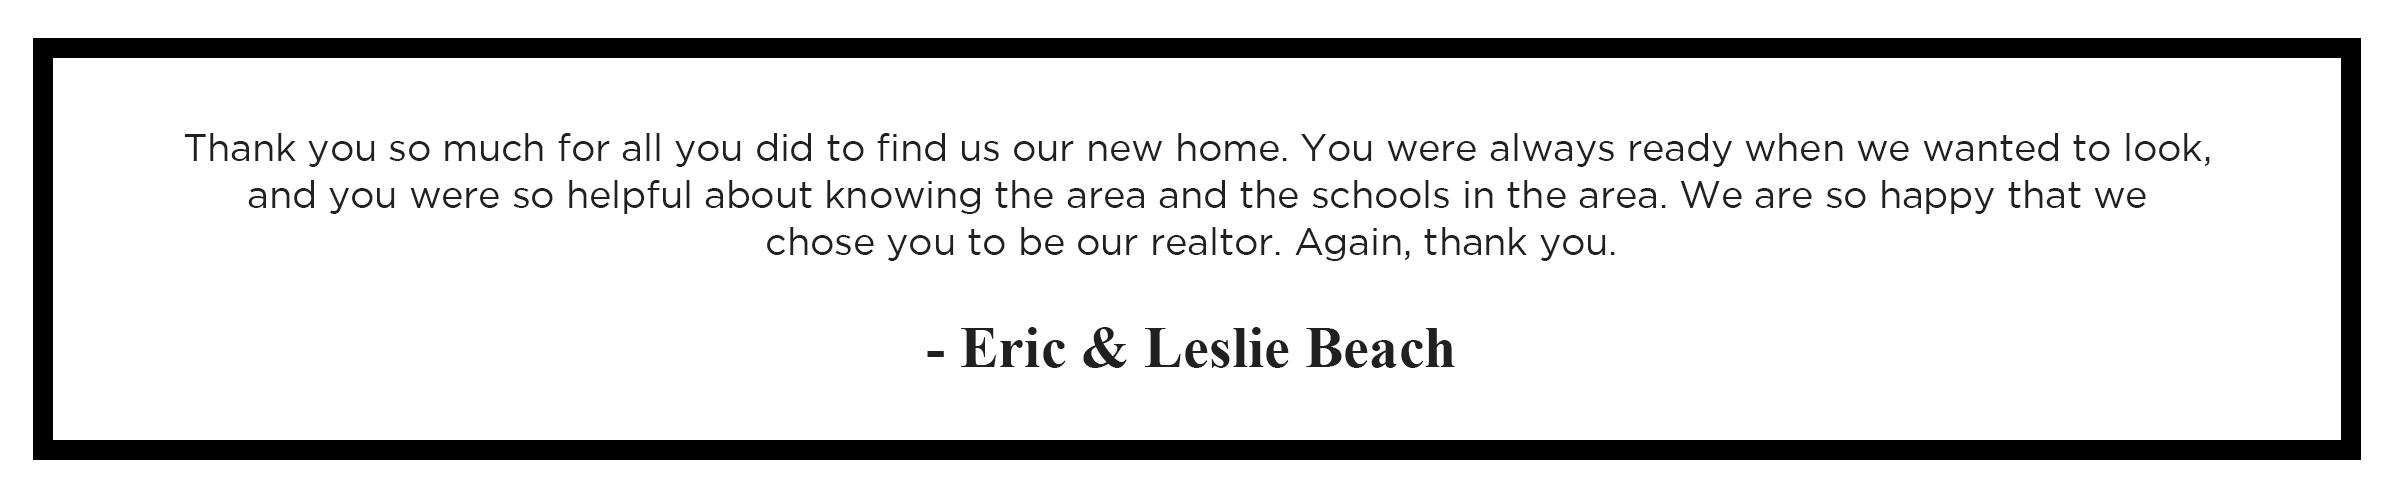 04 - eric & leslie beach